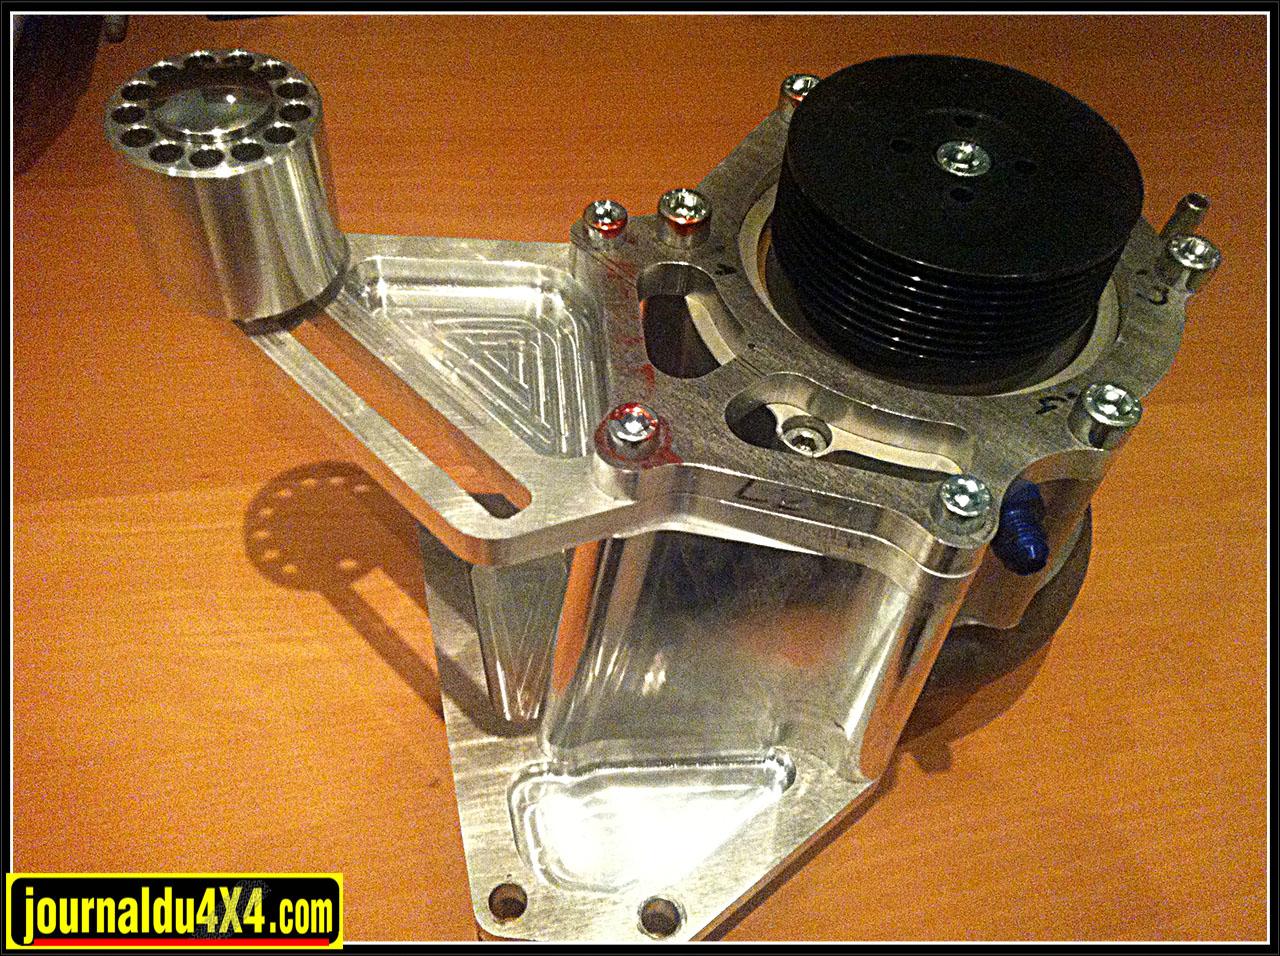 Le support pour le compresseur Rotrex et ses poulies évidemment réalisé sur mesure